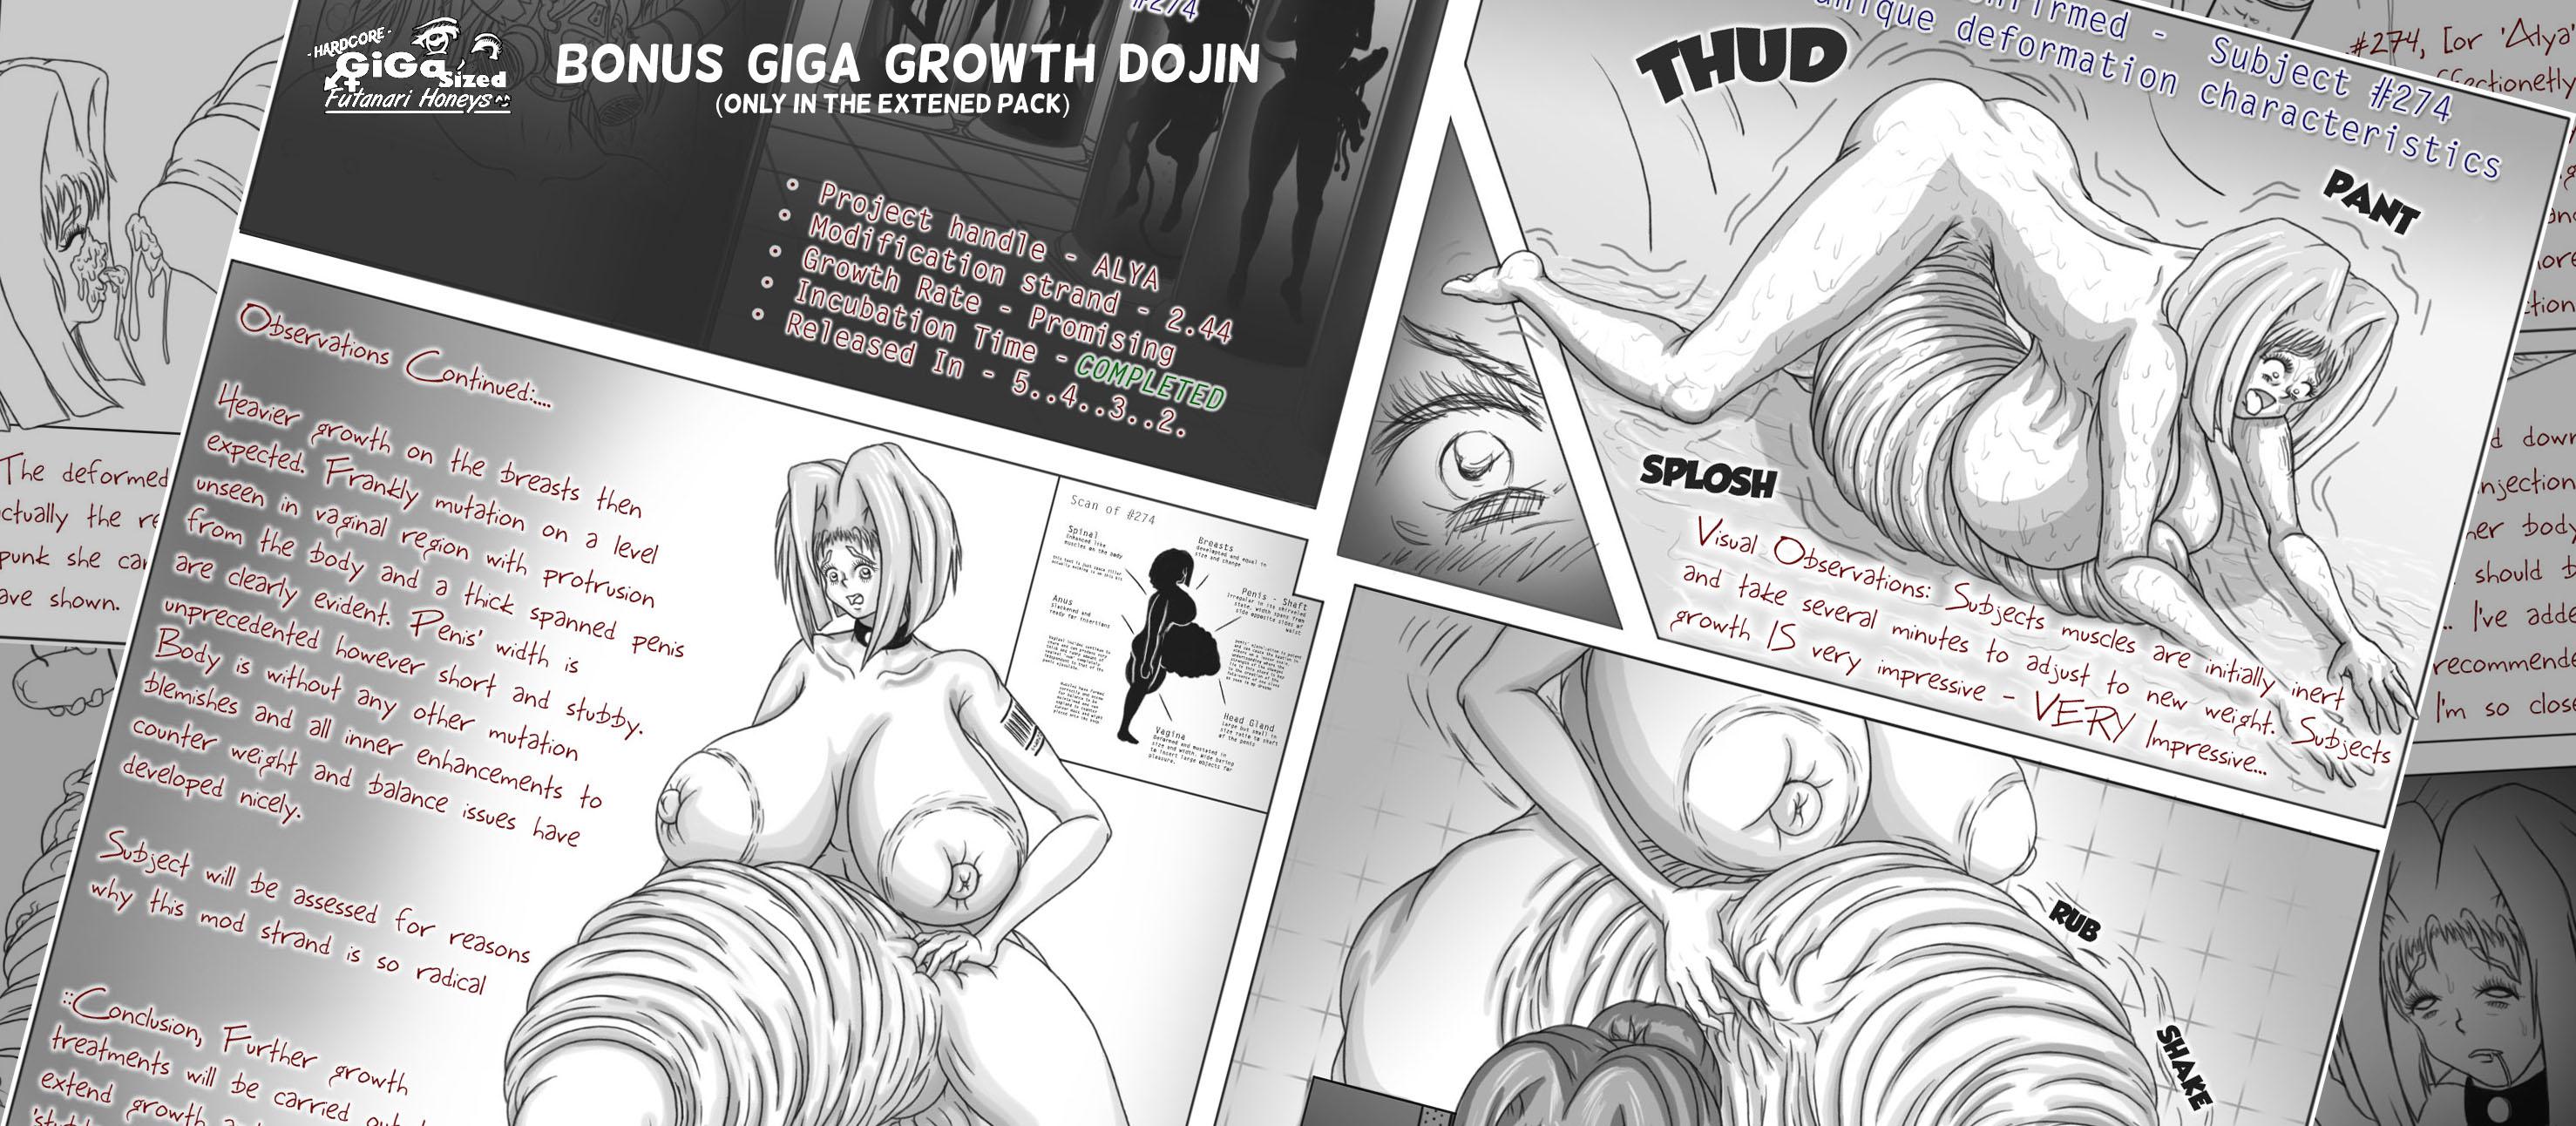 futa cock growth e621